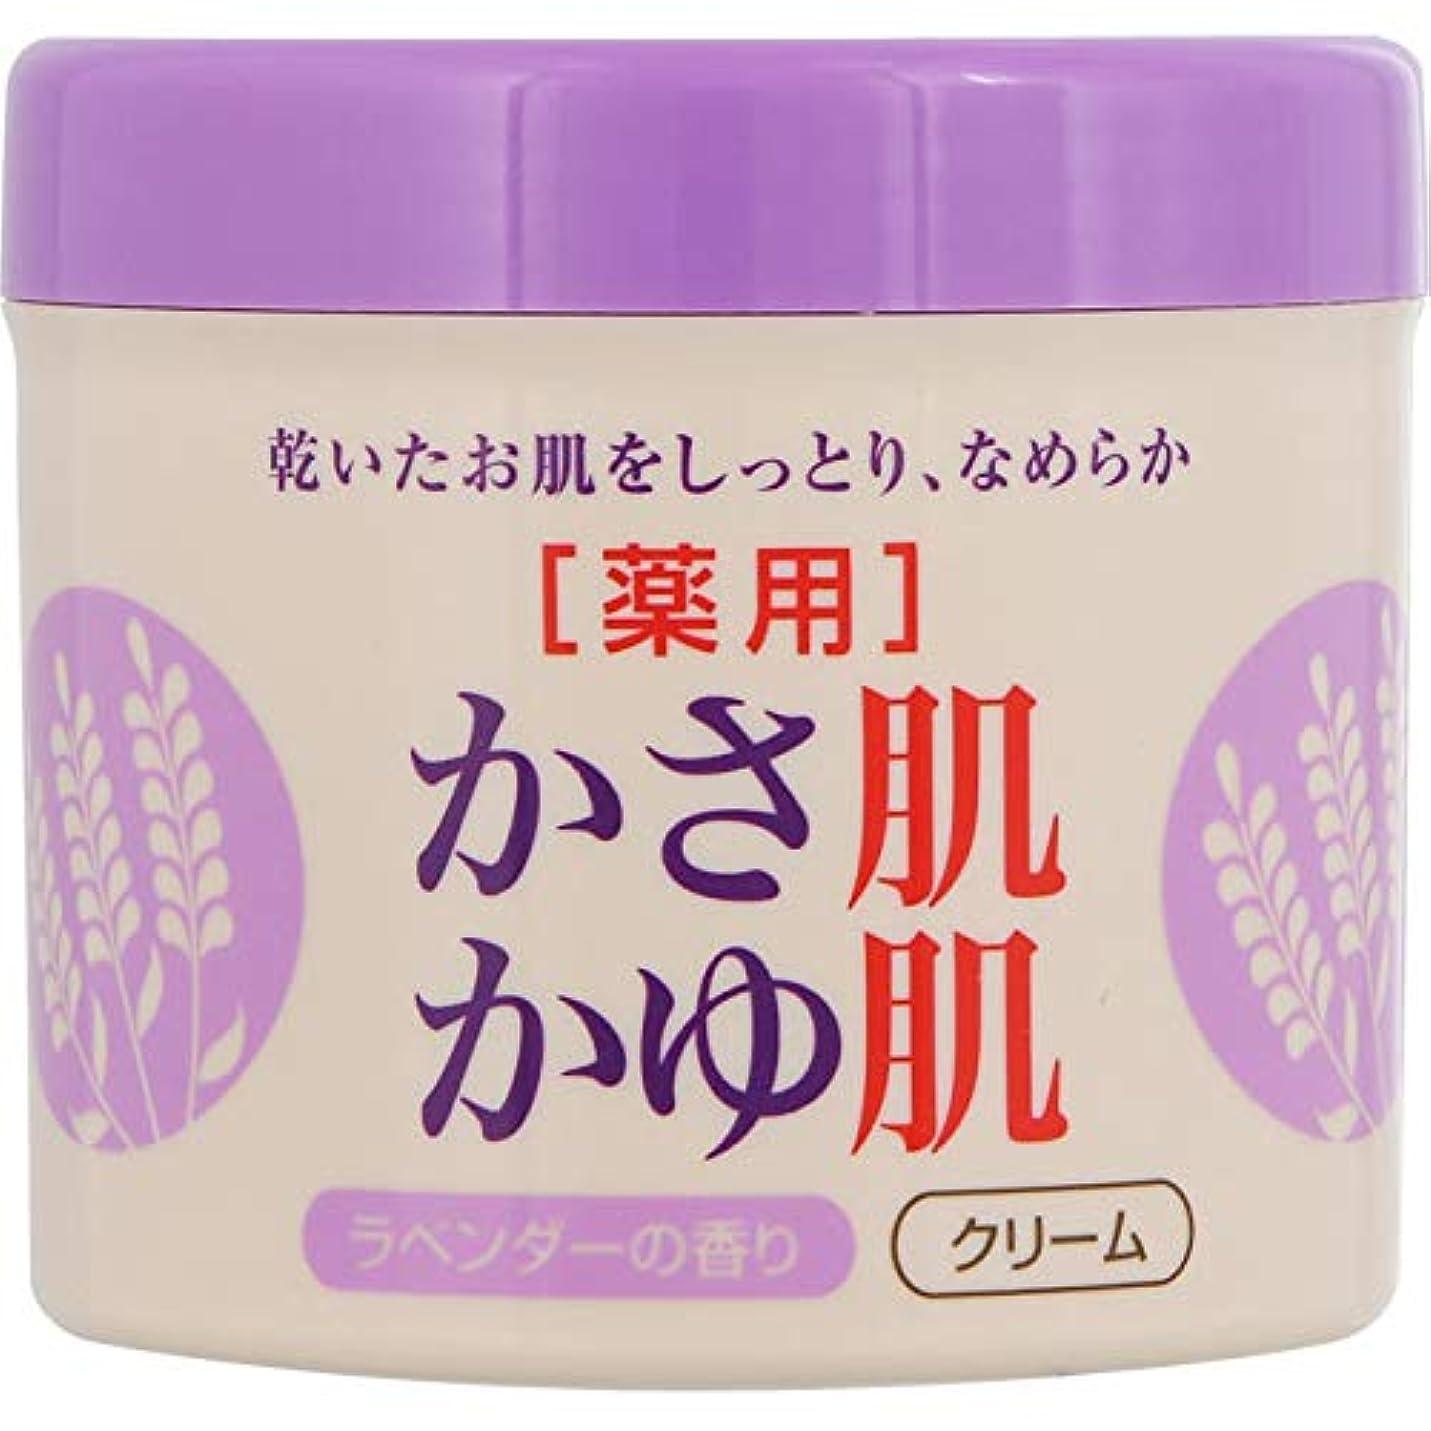 認可法律により高齢者MK 薬用かさ肌かゆ肌ミルキークリーム ラベンダー 280g (医薬部外品)